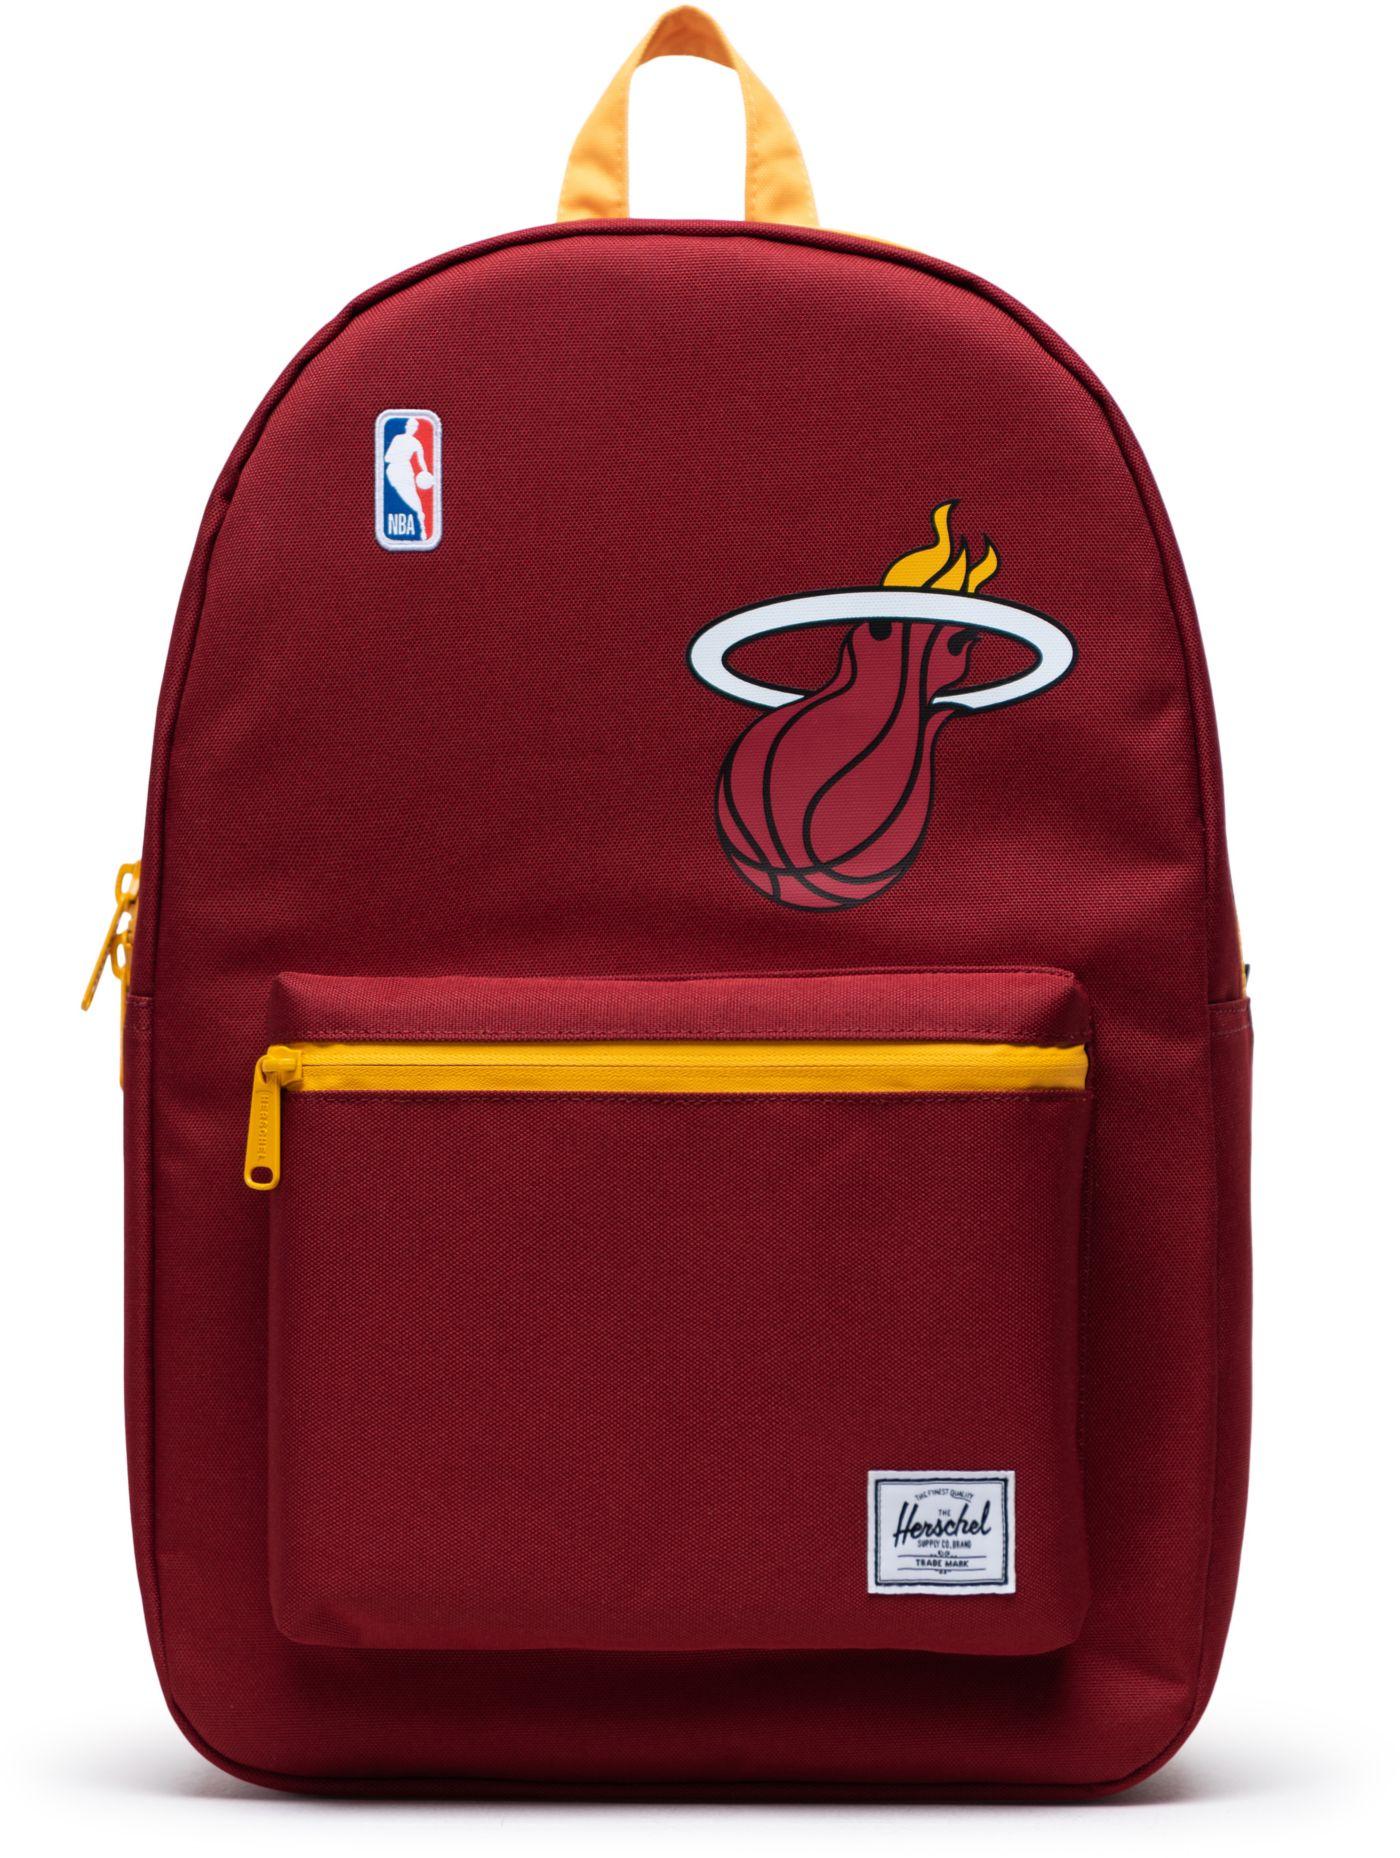 Herschel Miami Heat Red Backpack